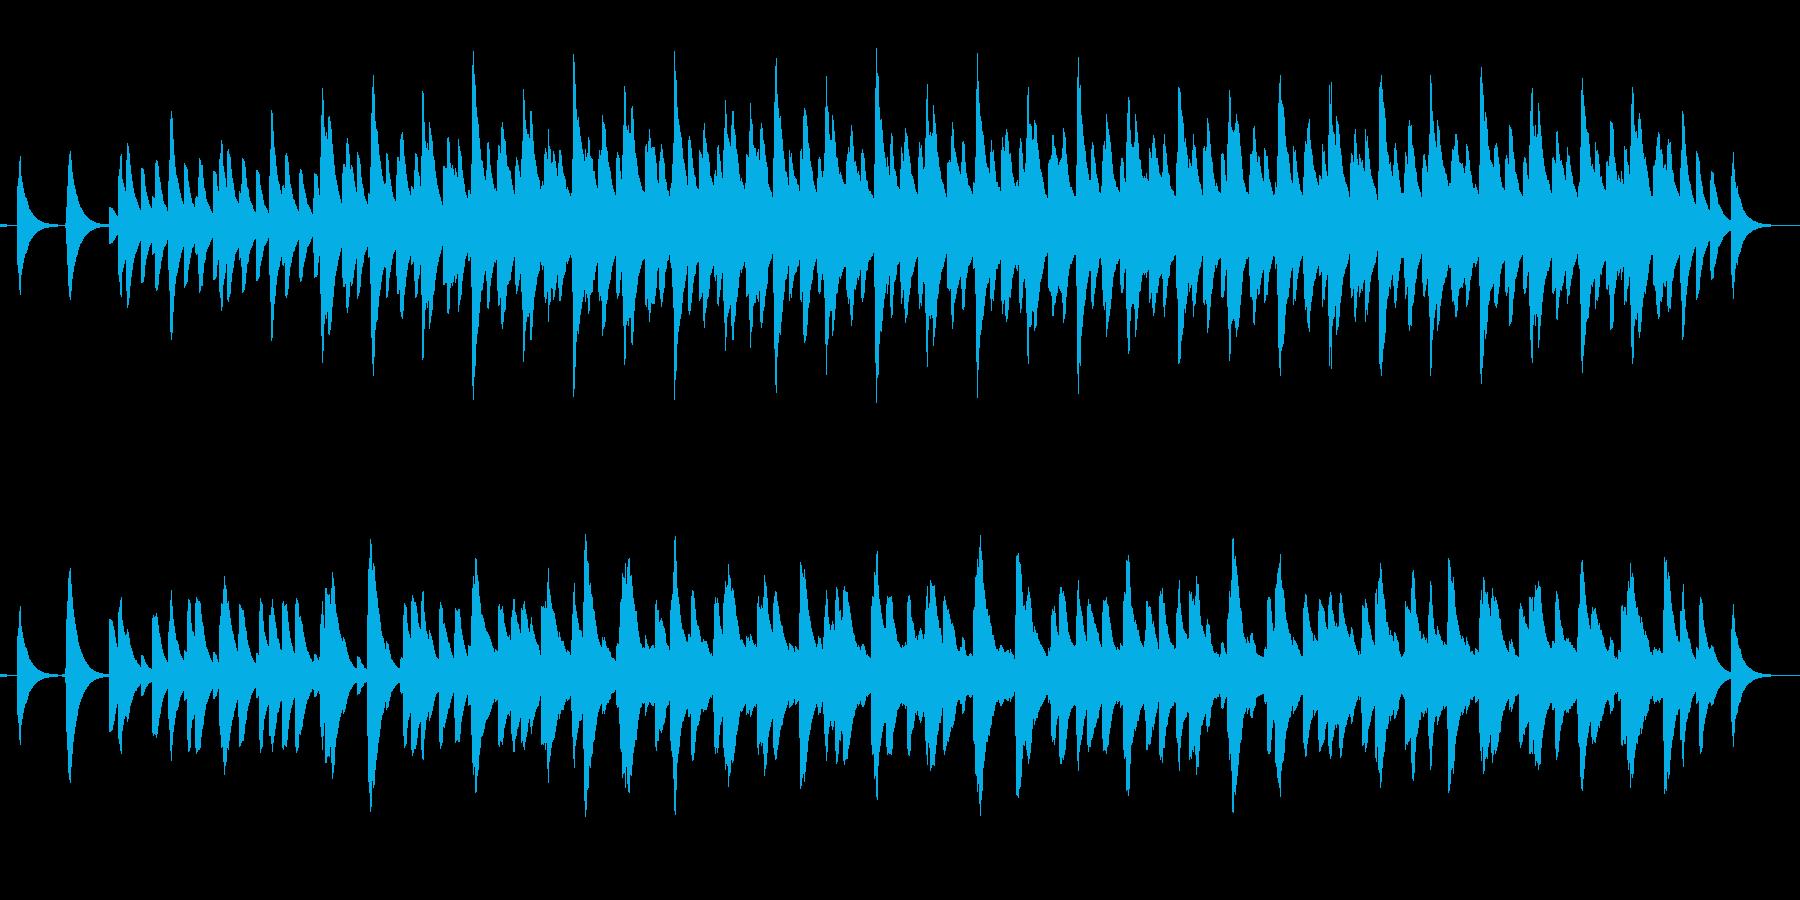 さまざまな間隔のベル音の再生済みの波形